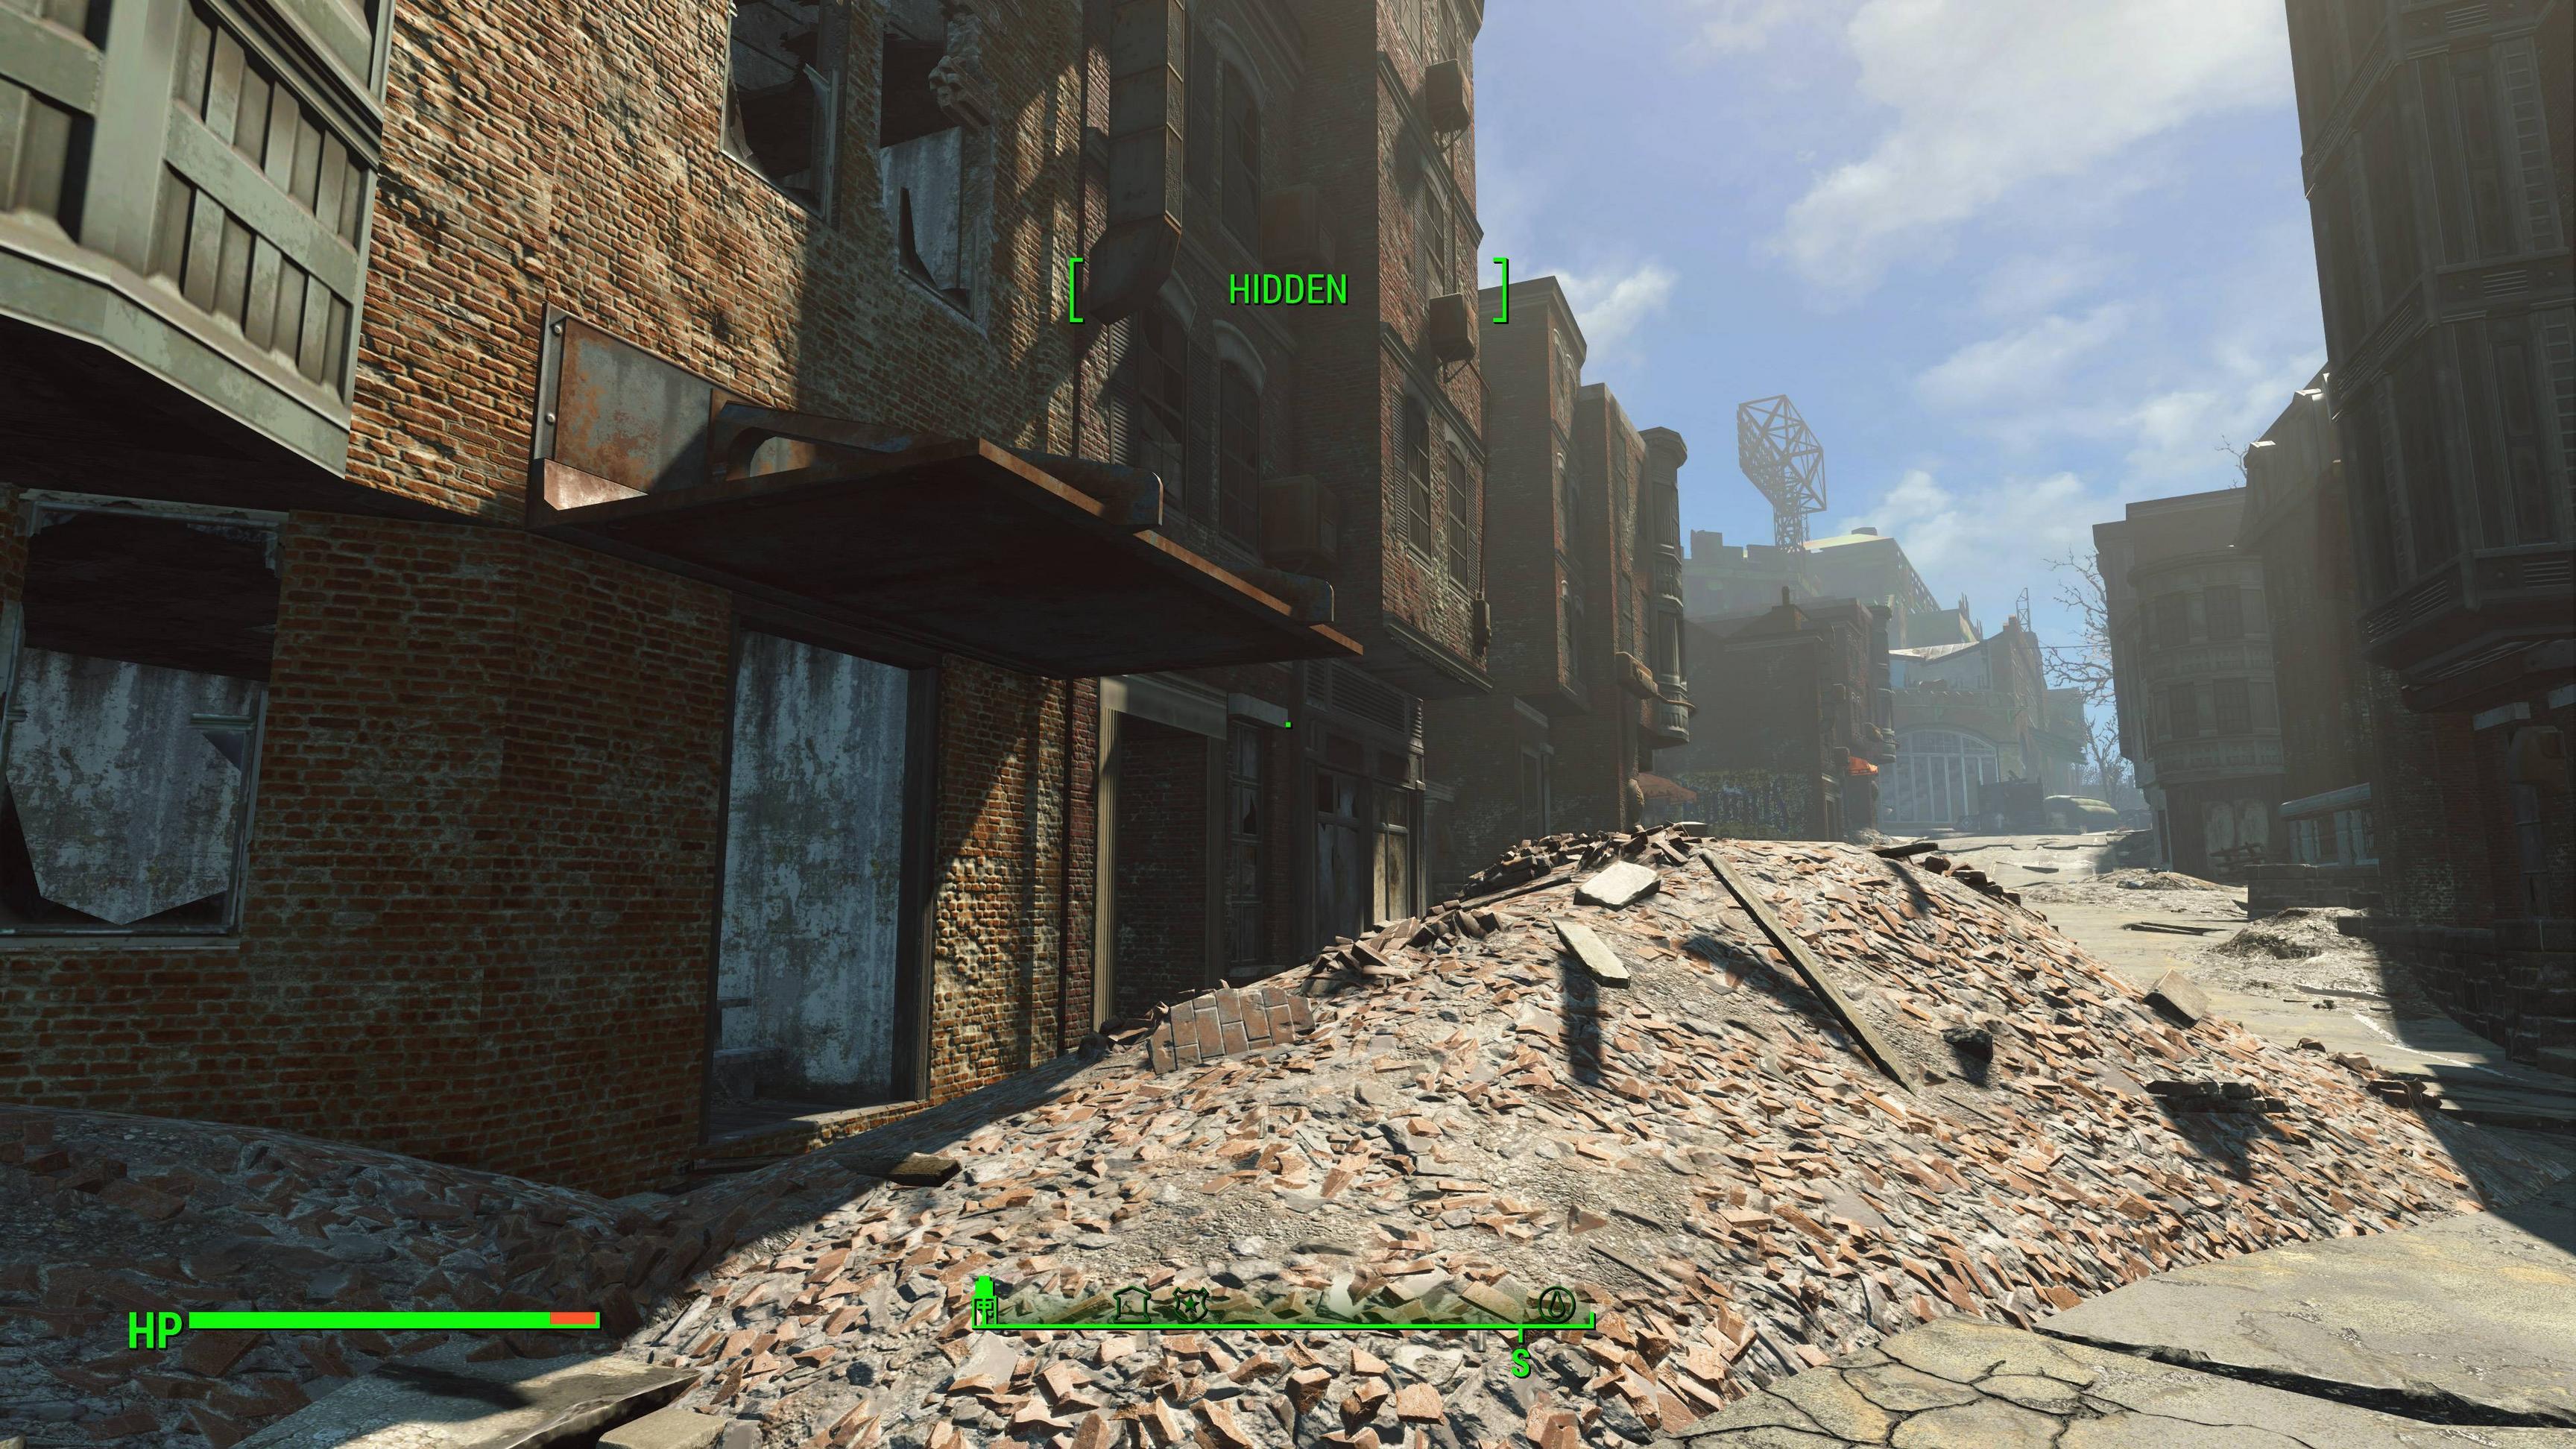 PC verzi Falloutu 4 můžete obohatit o textury ve vysokém rozlišení 138019